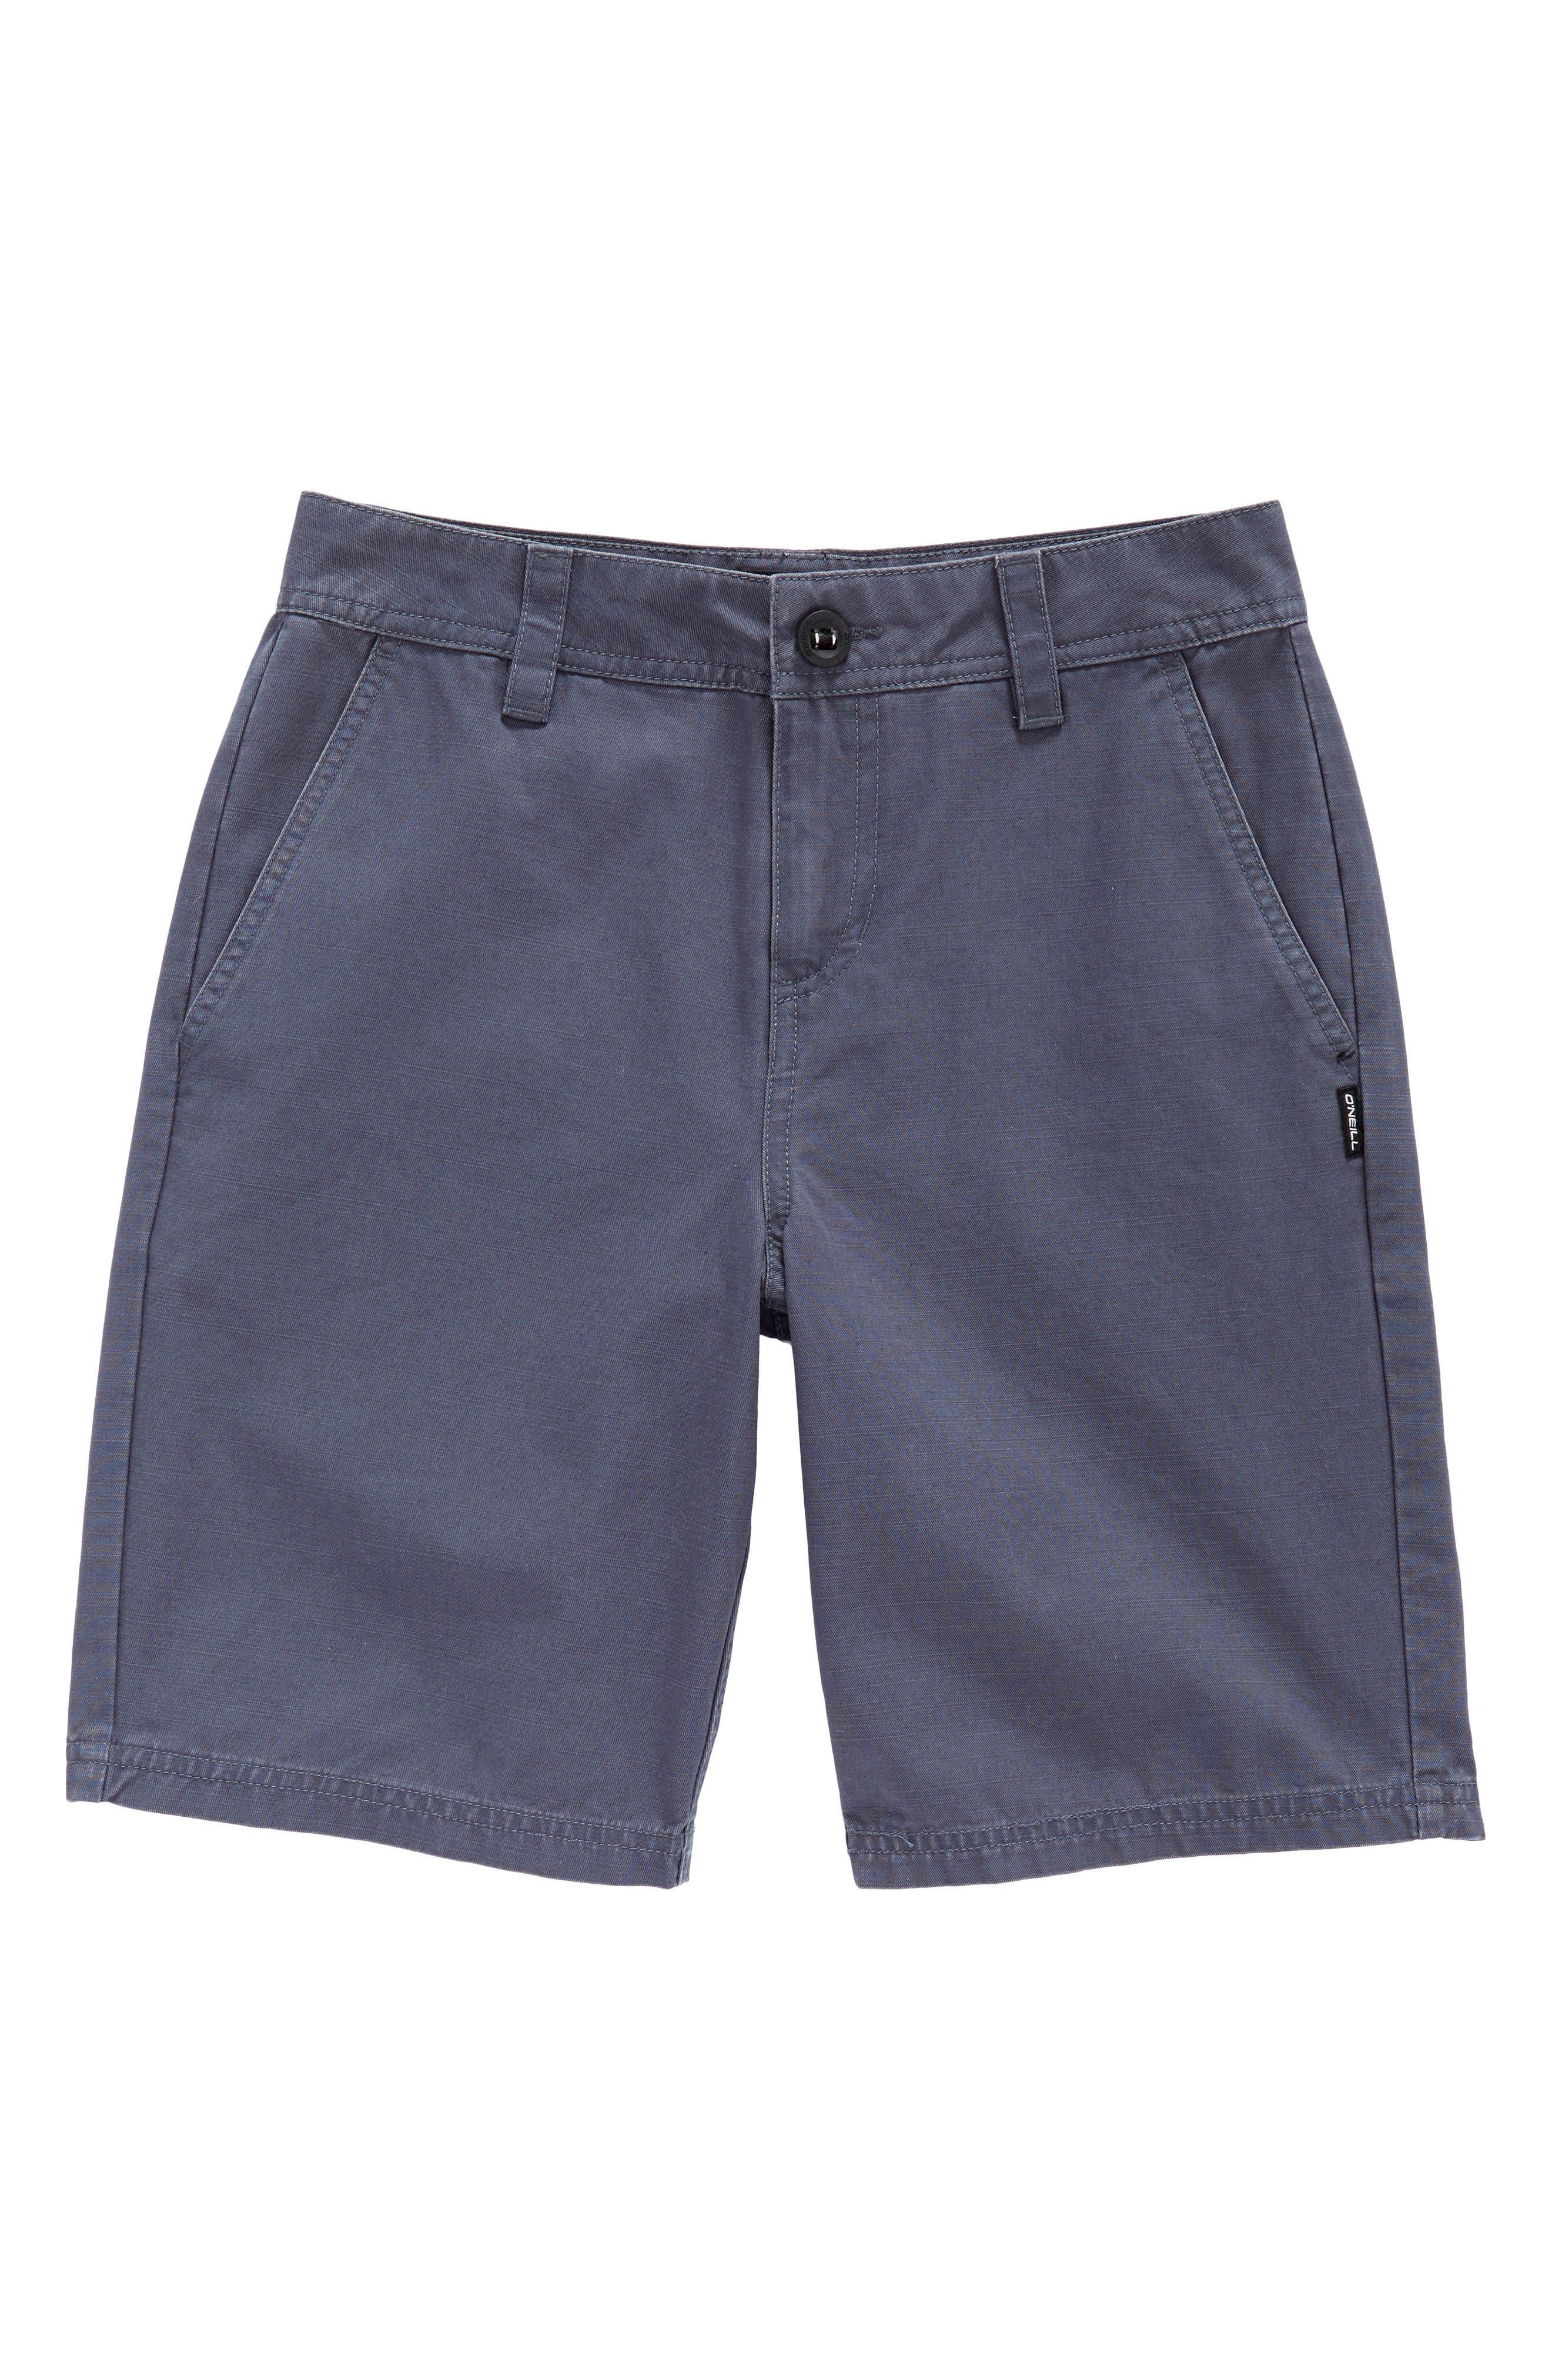 Jay Chino Shorts,                             Main thumbnail 1, color,                             Slate